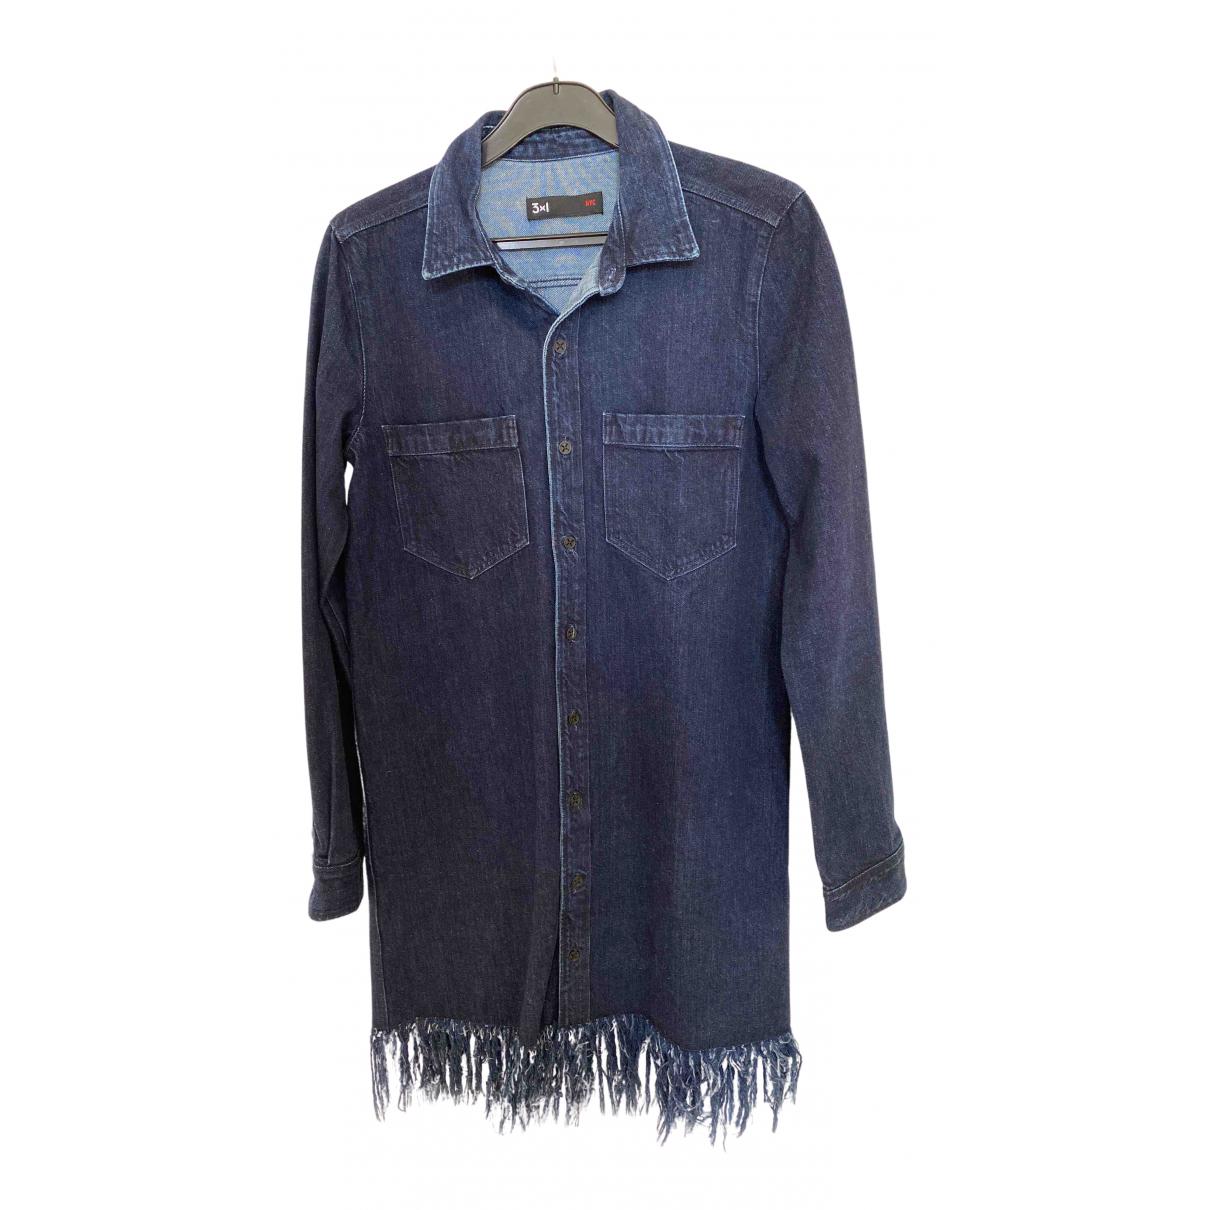 3x1 \N Kleid in  Blau Denim - Jeans